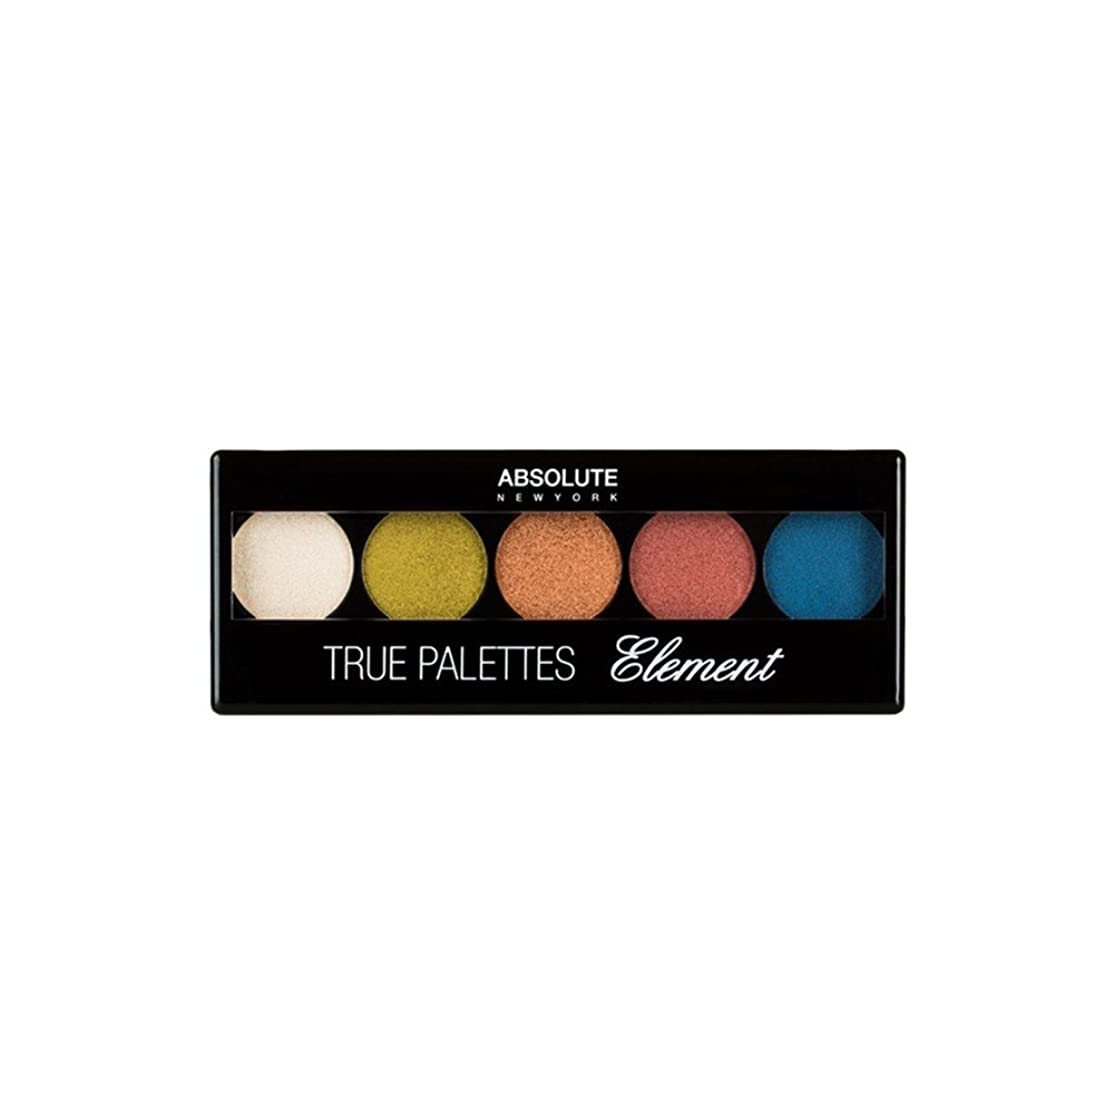 領収書パーチナシティ司令官(3 Pack) ABSOLUTE True Palettes - Element (並行輸入品)